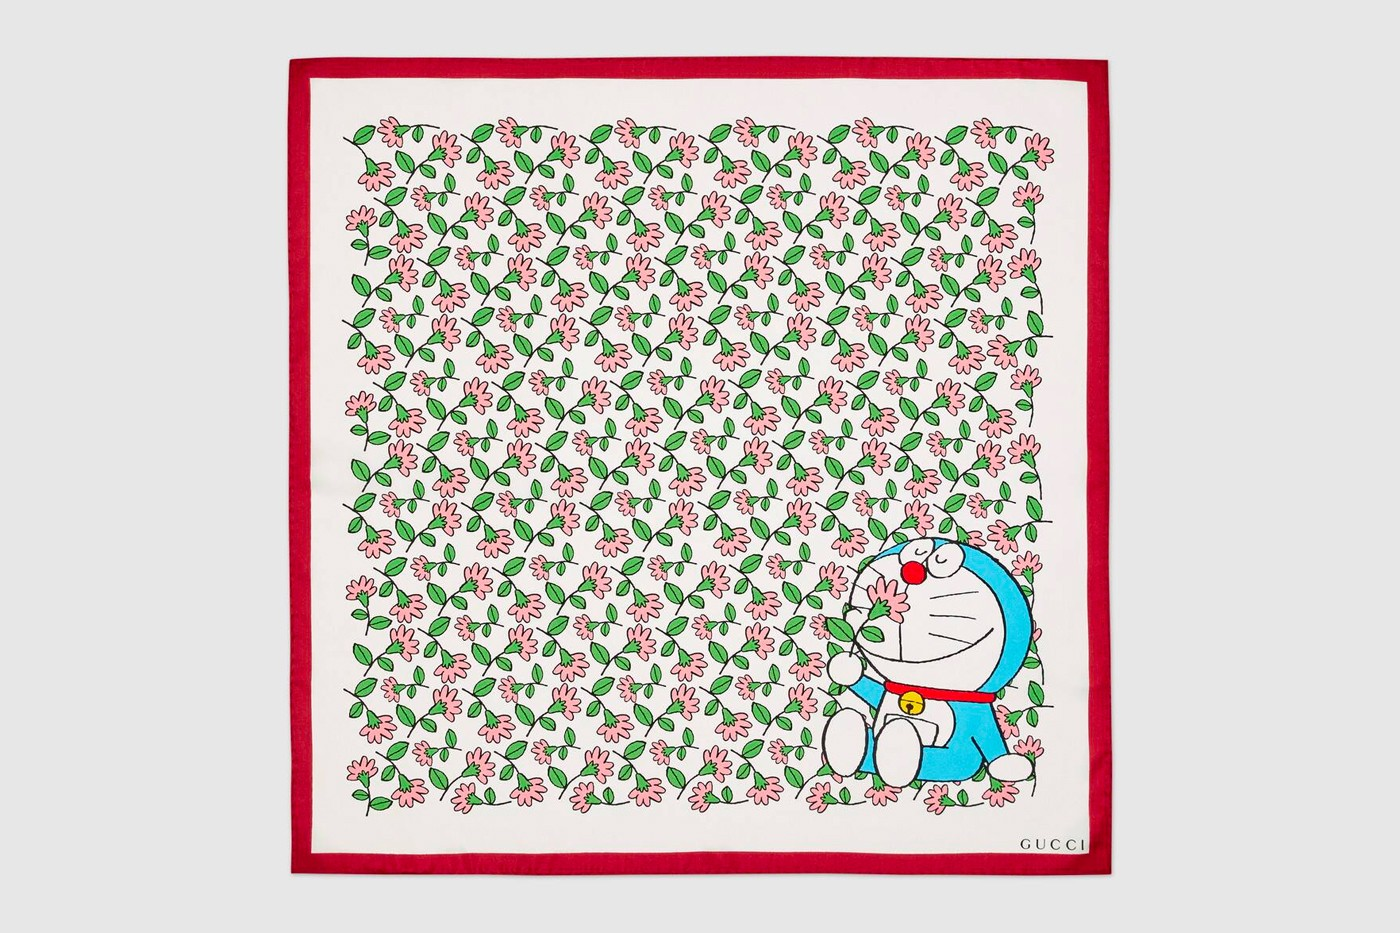 Gucci x Doraemon 46